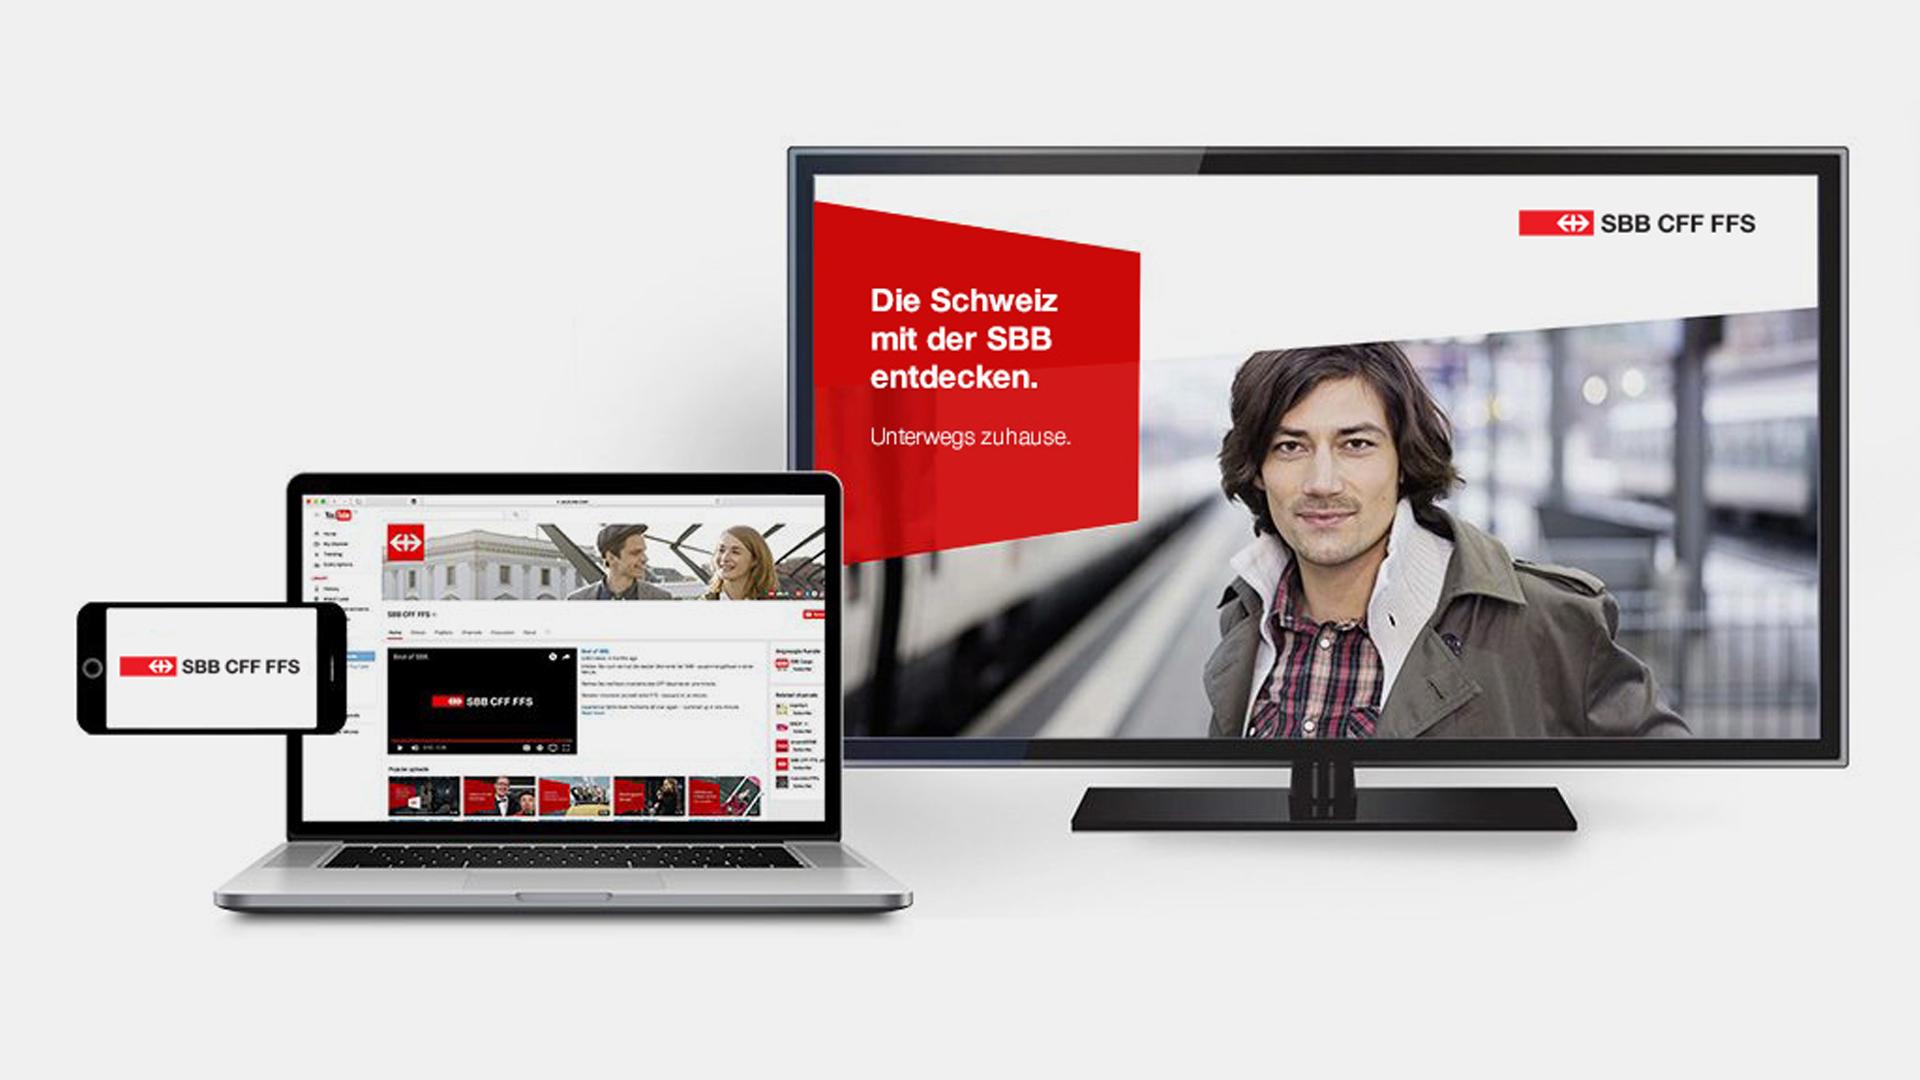 SBB Video Corporate Design